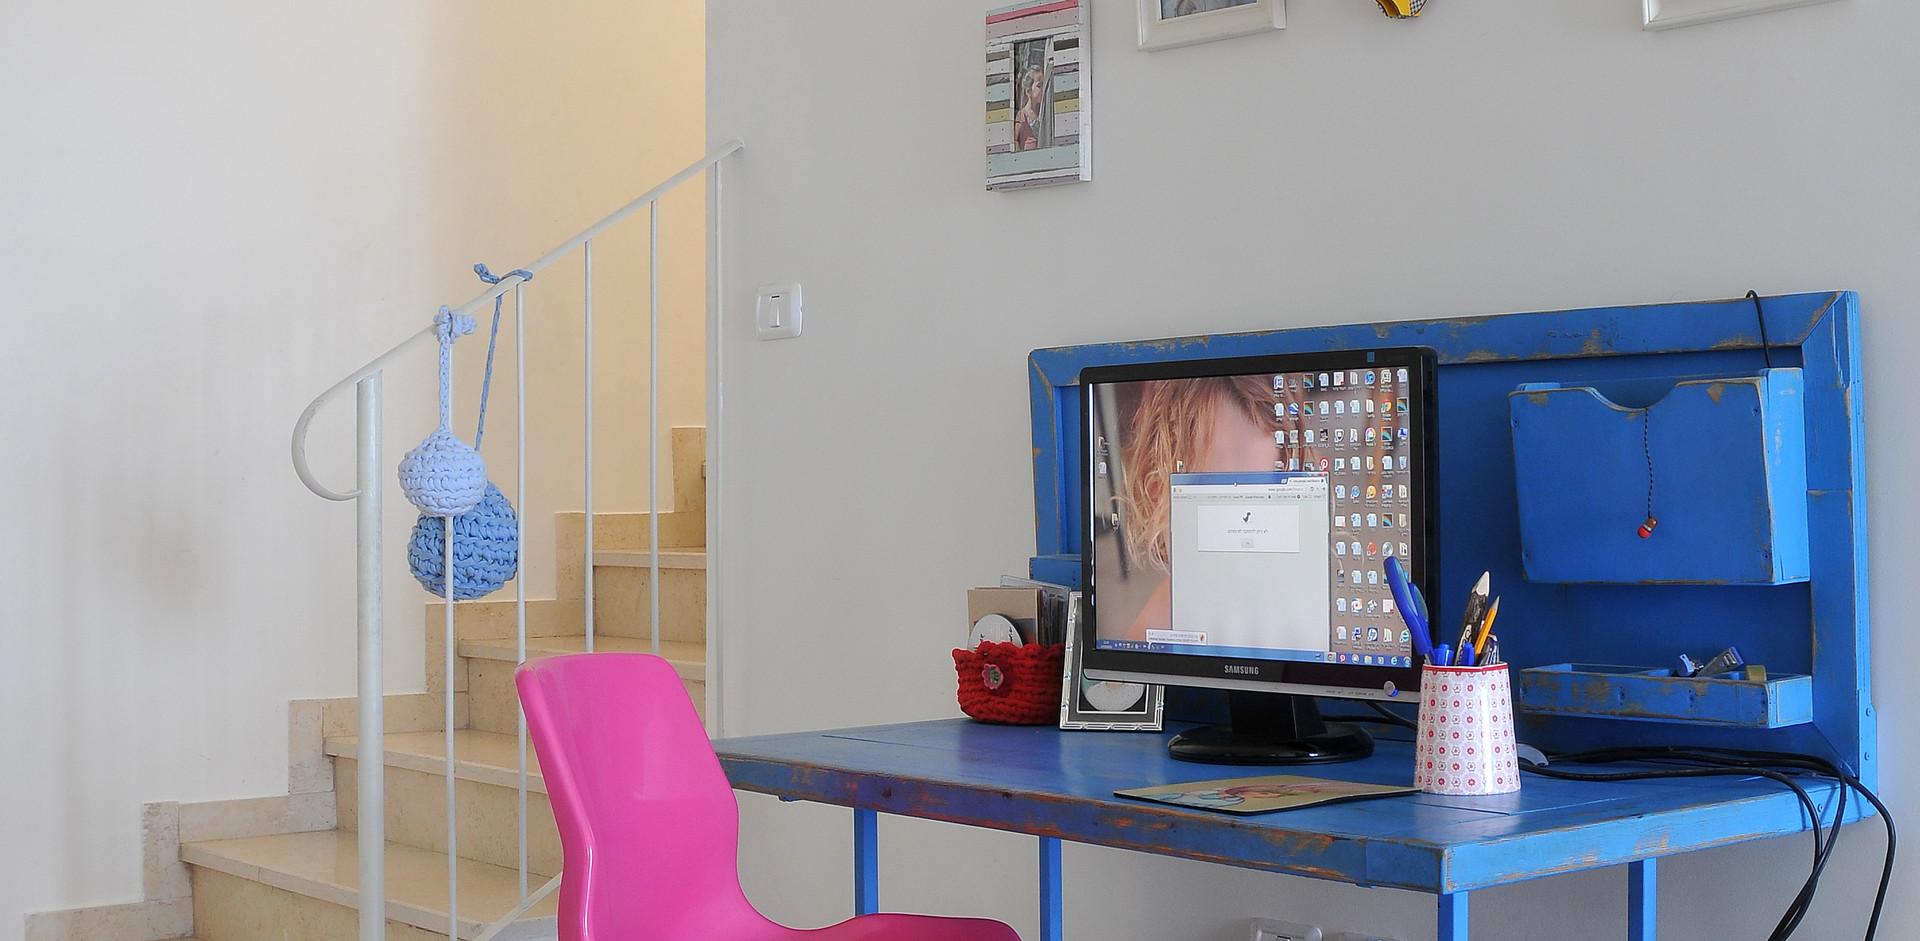 כל חדר משפחה צריך גם מחשב (: